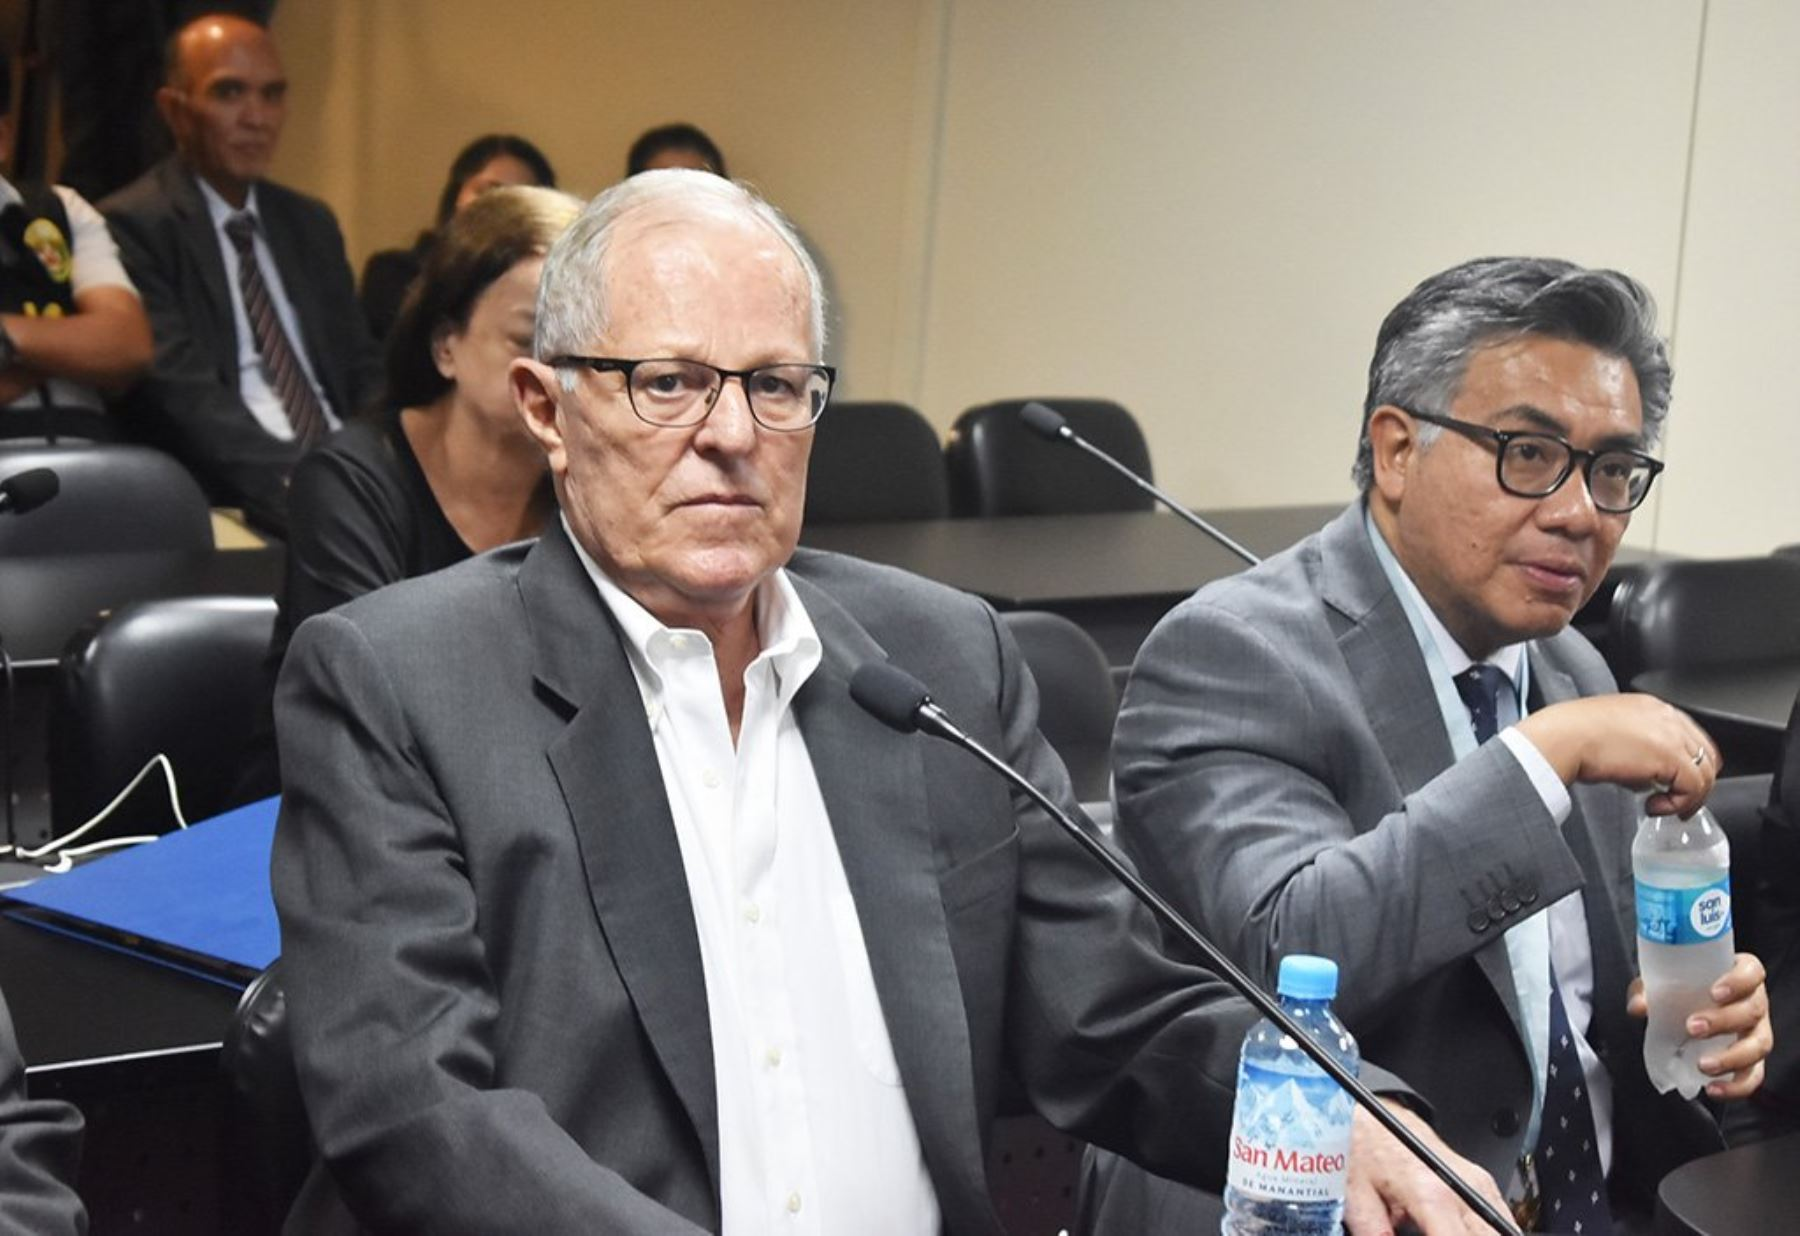 Pedro Pablo Kuczynski escuchando el veredicto. Foto cortesía de andina.pe